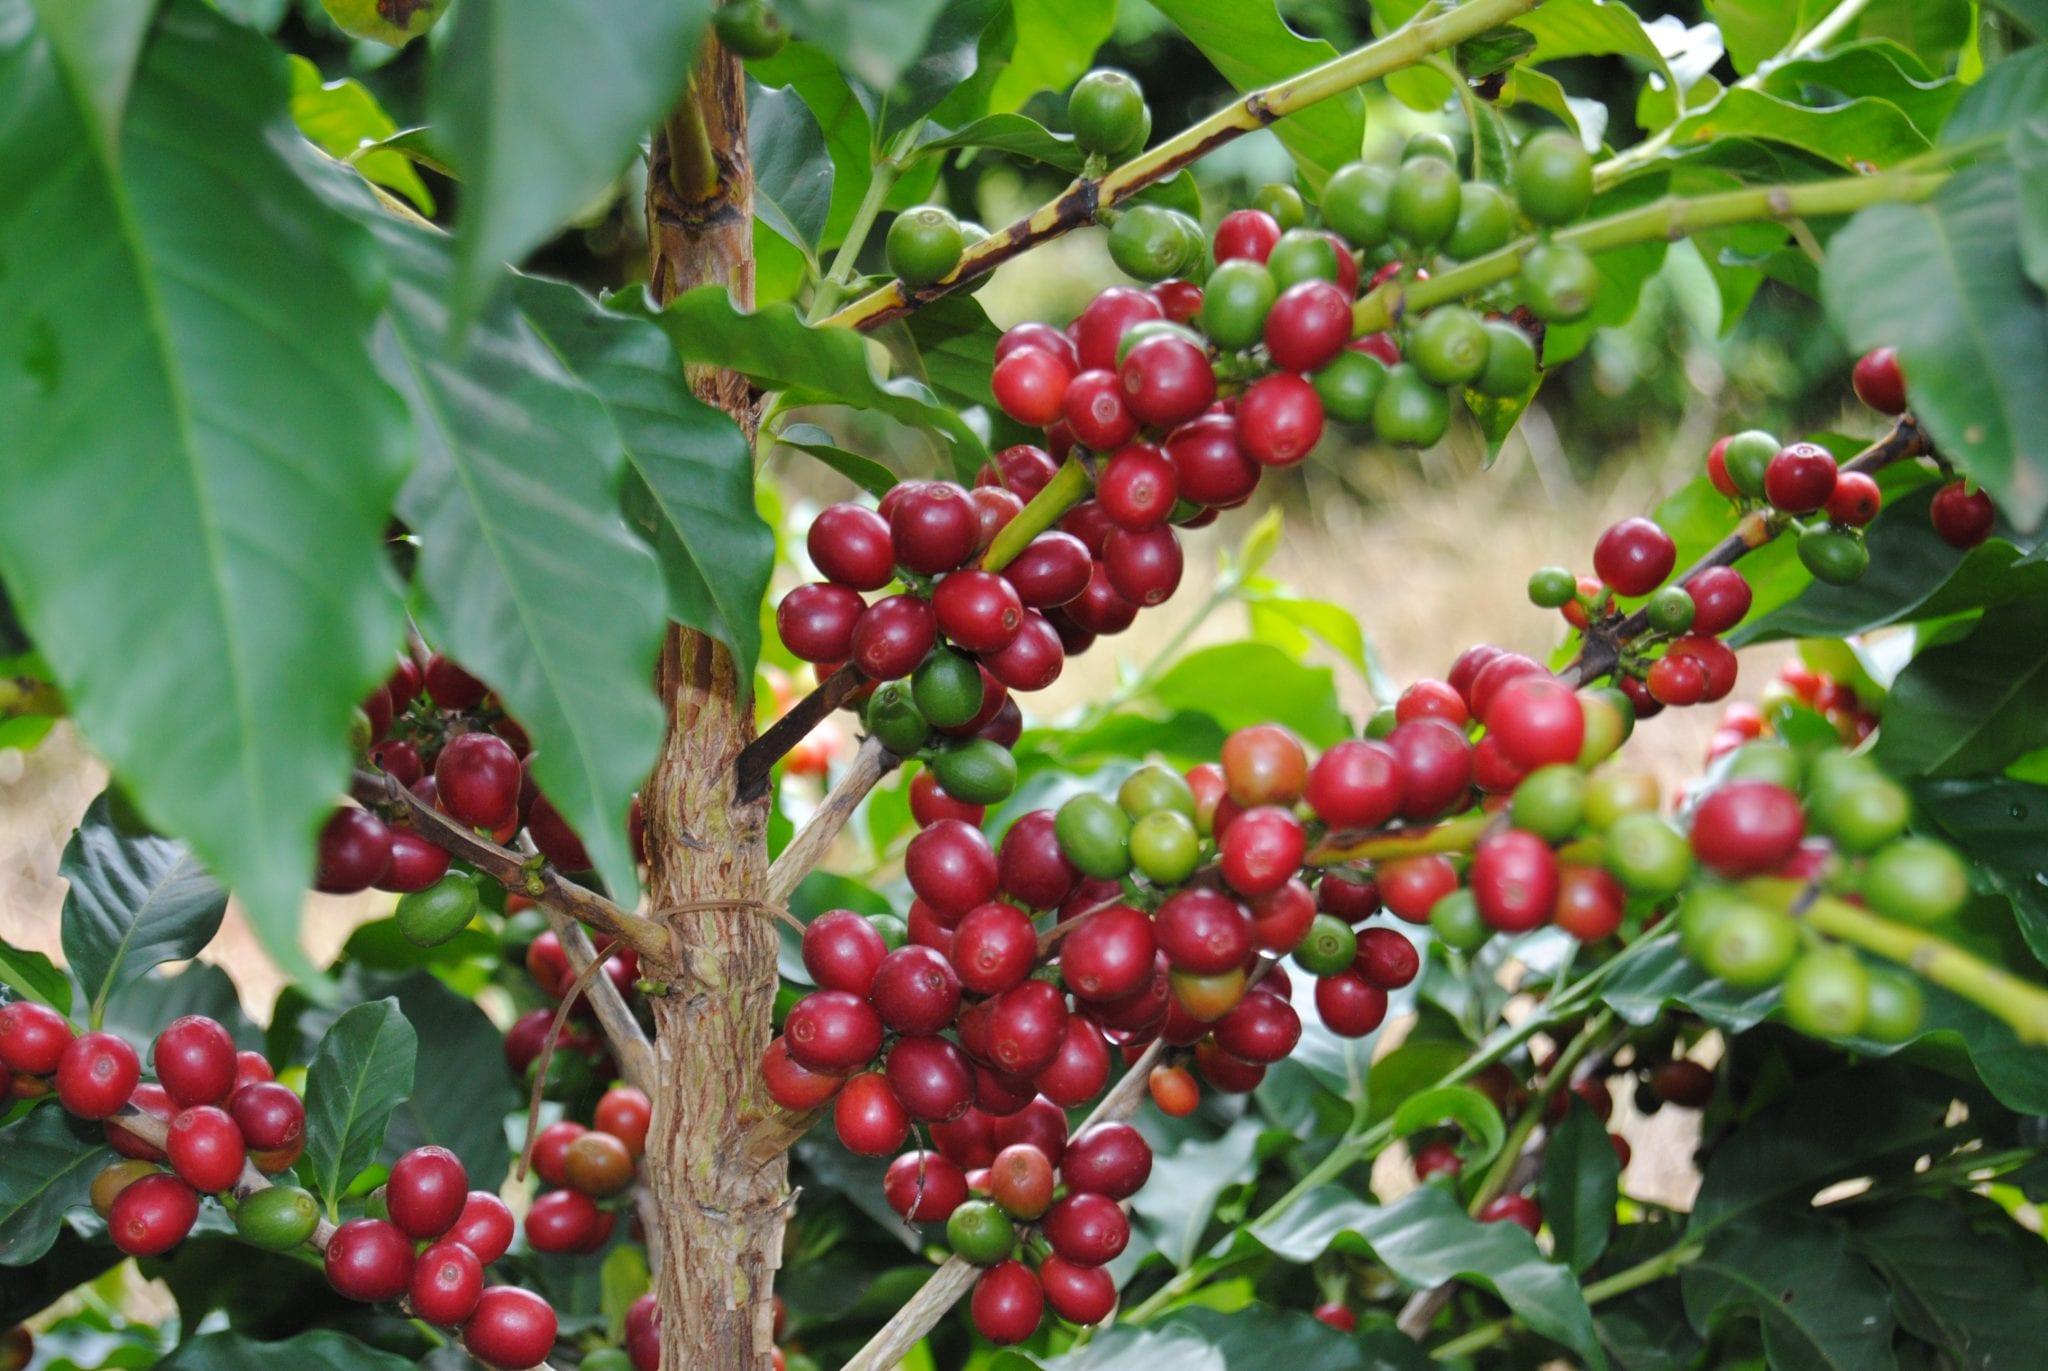 Coffee Plants, Coffee Cherries, Coffee Berries, Coffee Beans